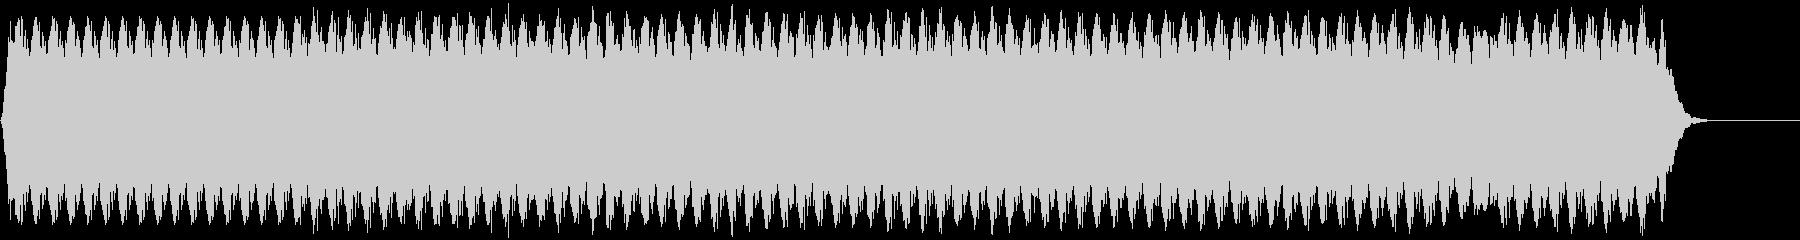 ミディアムパルスミッドドローンパルスの未再生の波形